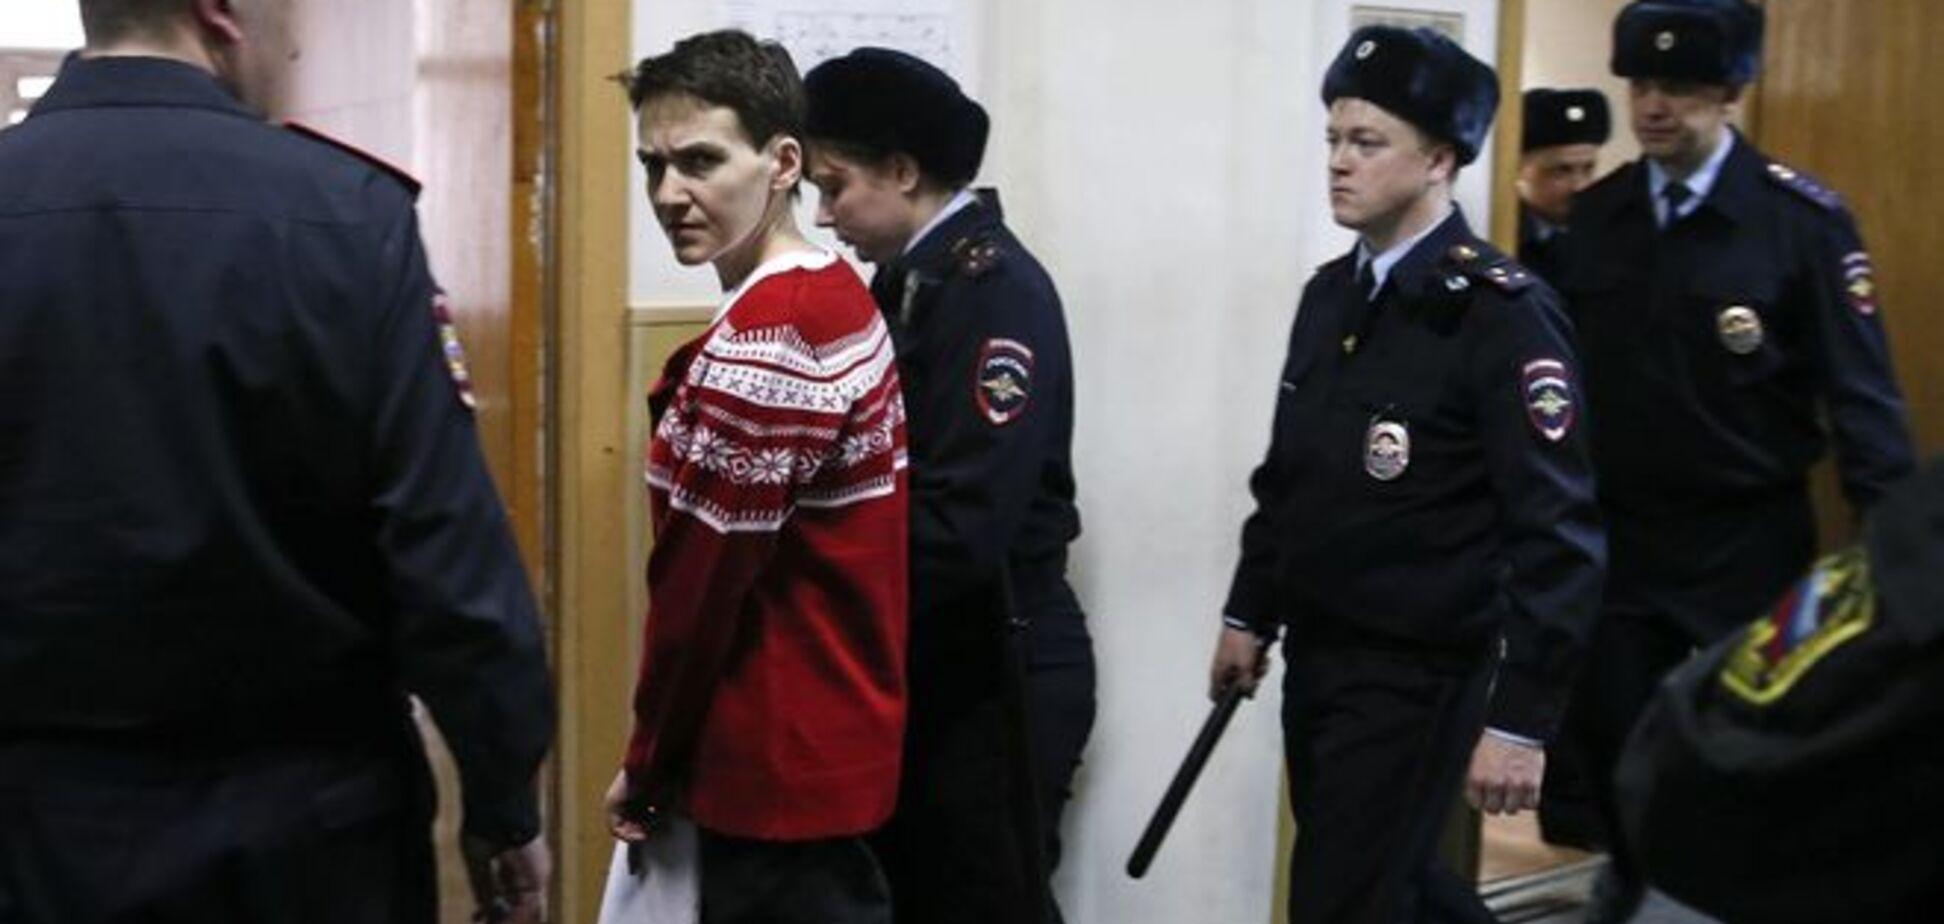 Кремль разрешил украинским врачам осмотреть Савченко, но ее состояние очень плохое